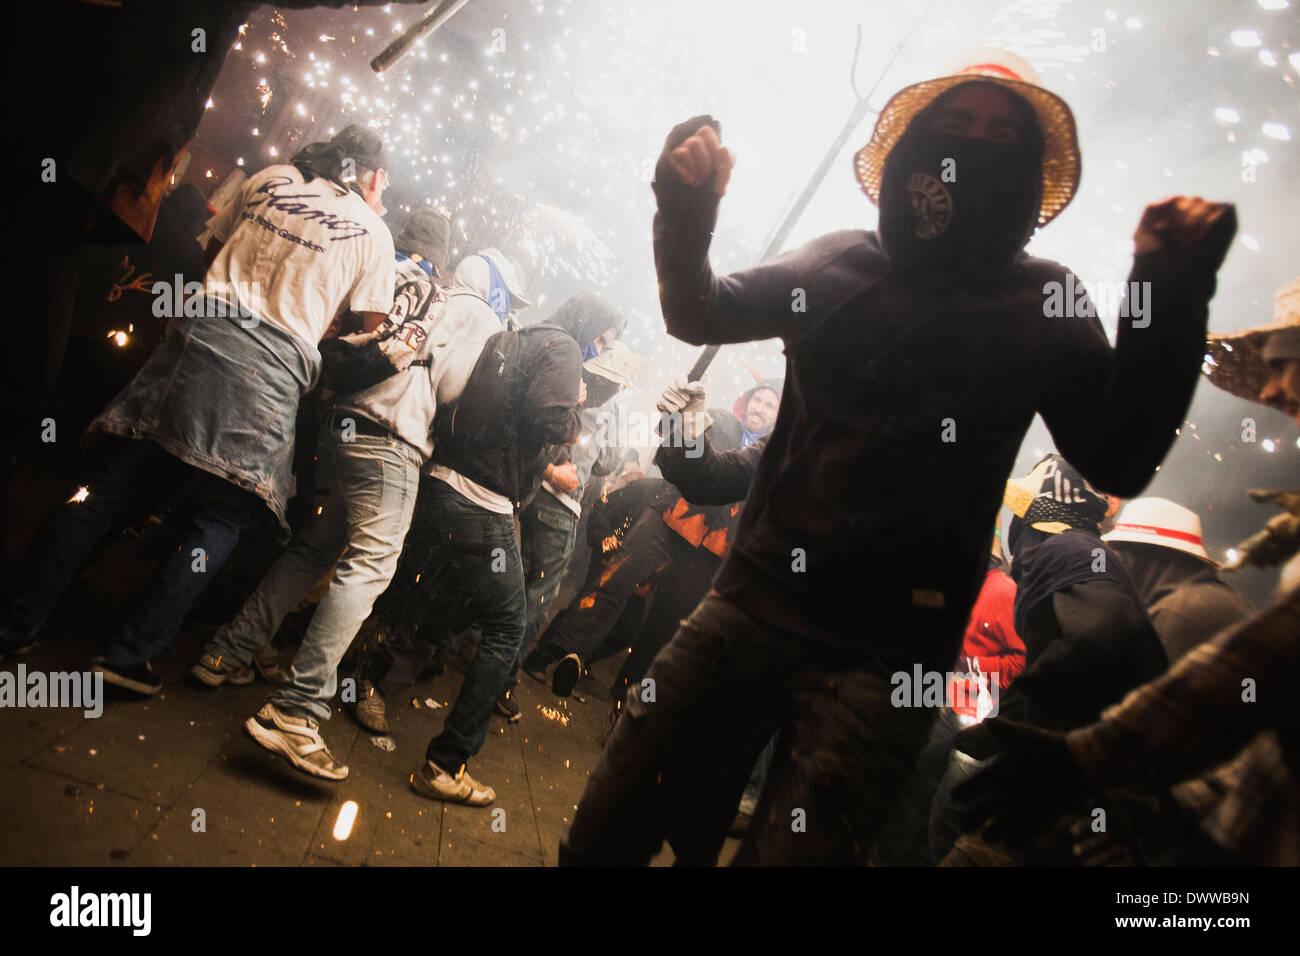 La gente ballare sotto i fuochi d'artificio di un correfoc, una tradizione catalana Immagini Stock